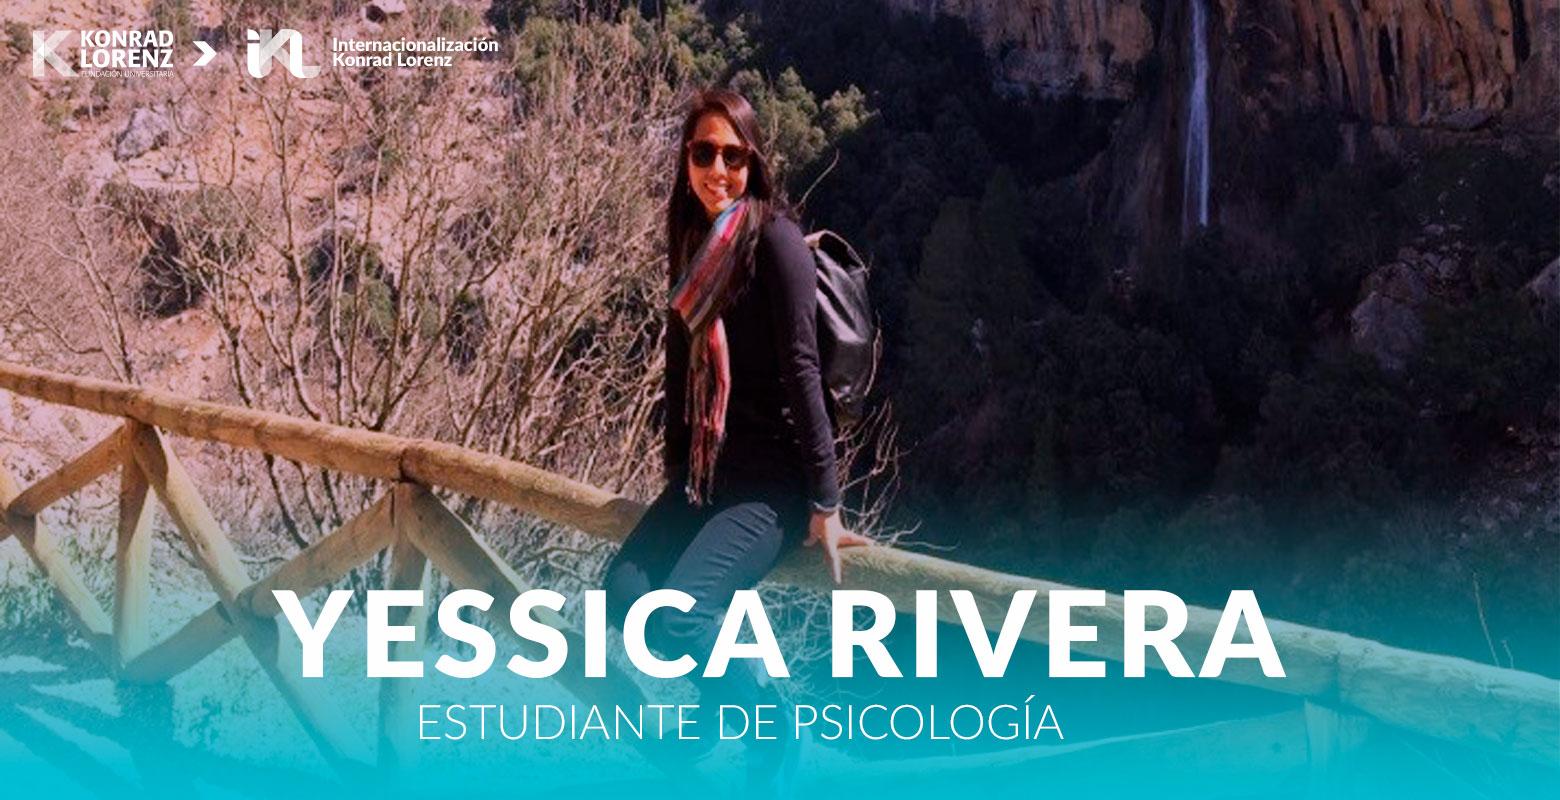 Yessica Rivera